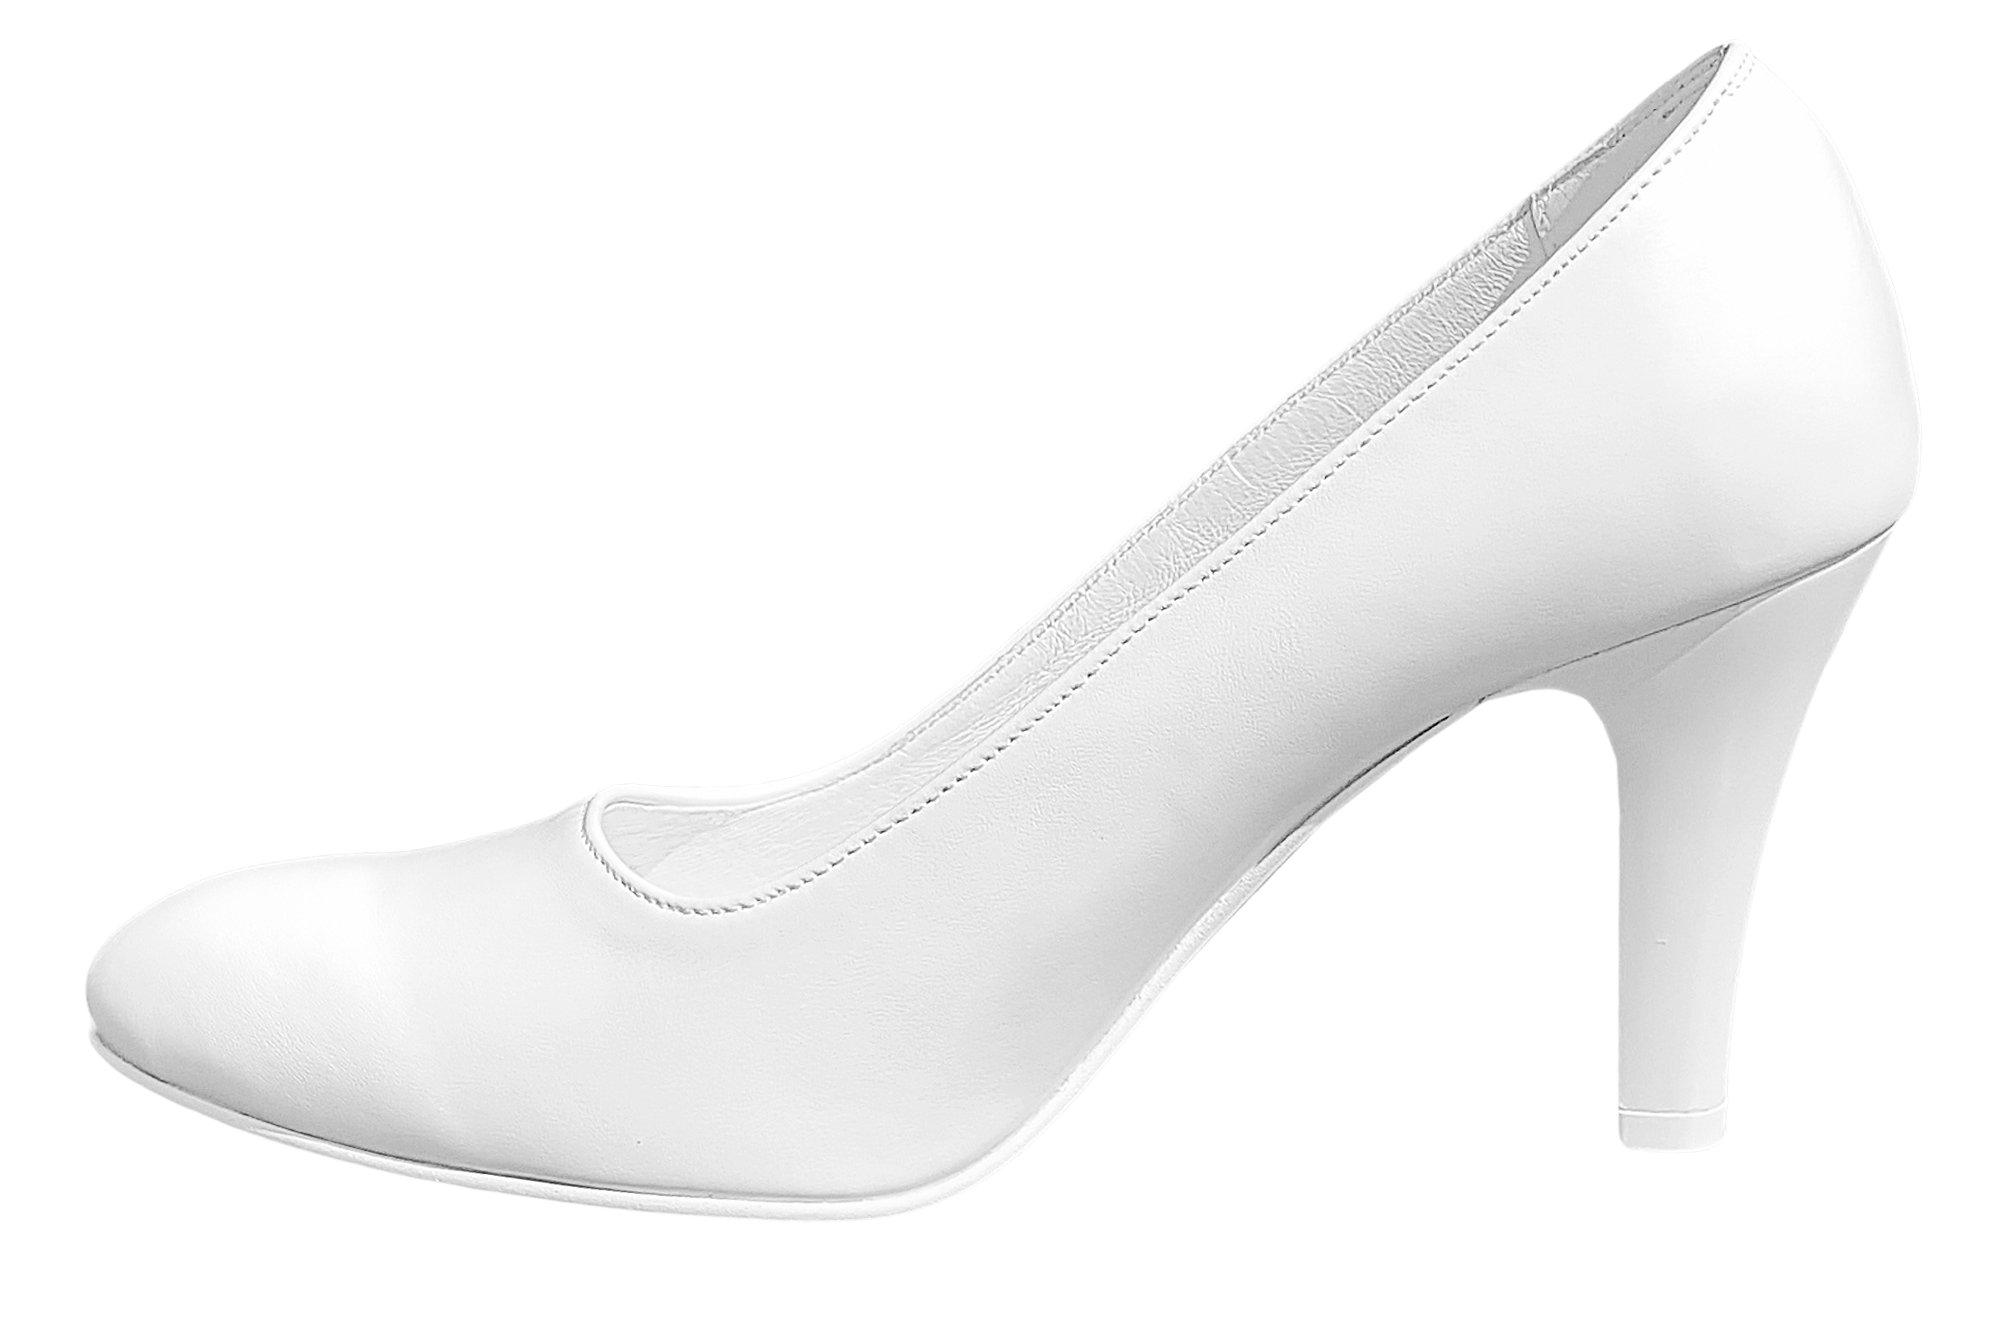 6f3b07db Czółenka ze skóry buty ślubne wsuwane OUTLET 37 - 7612368705 ...